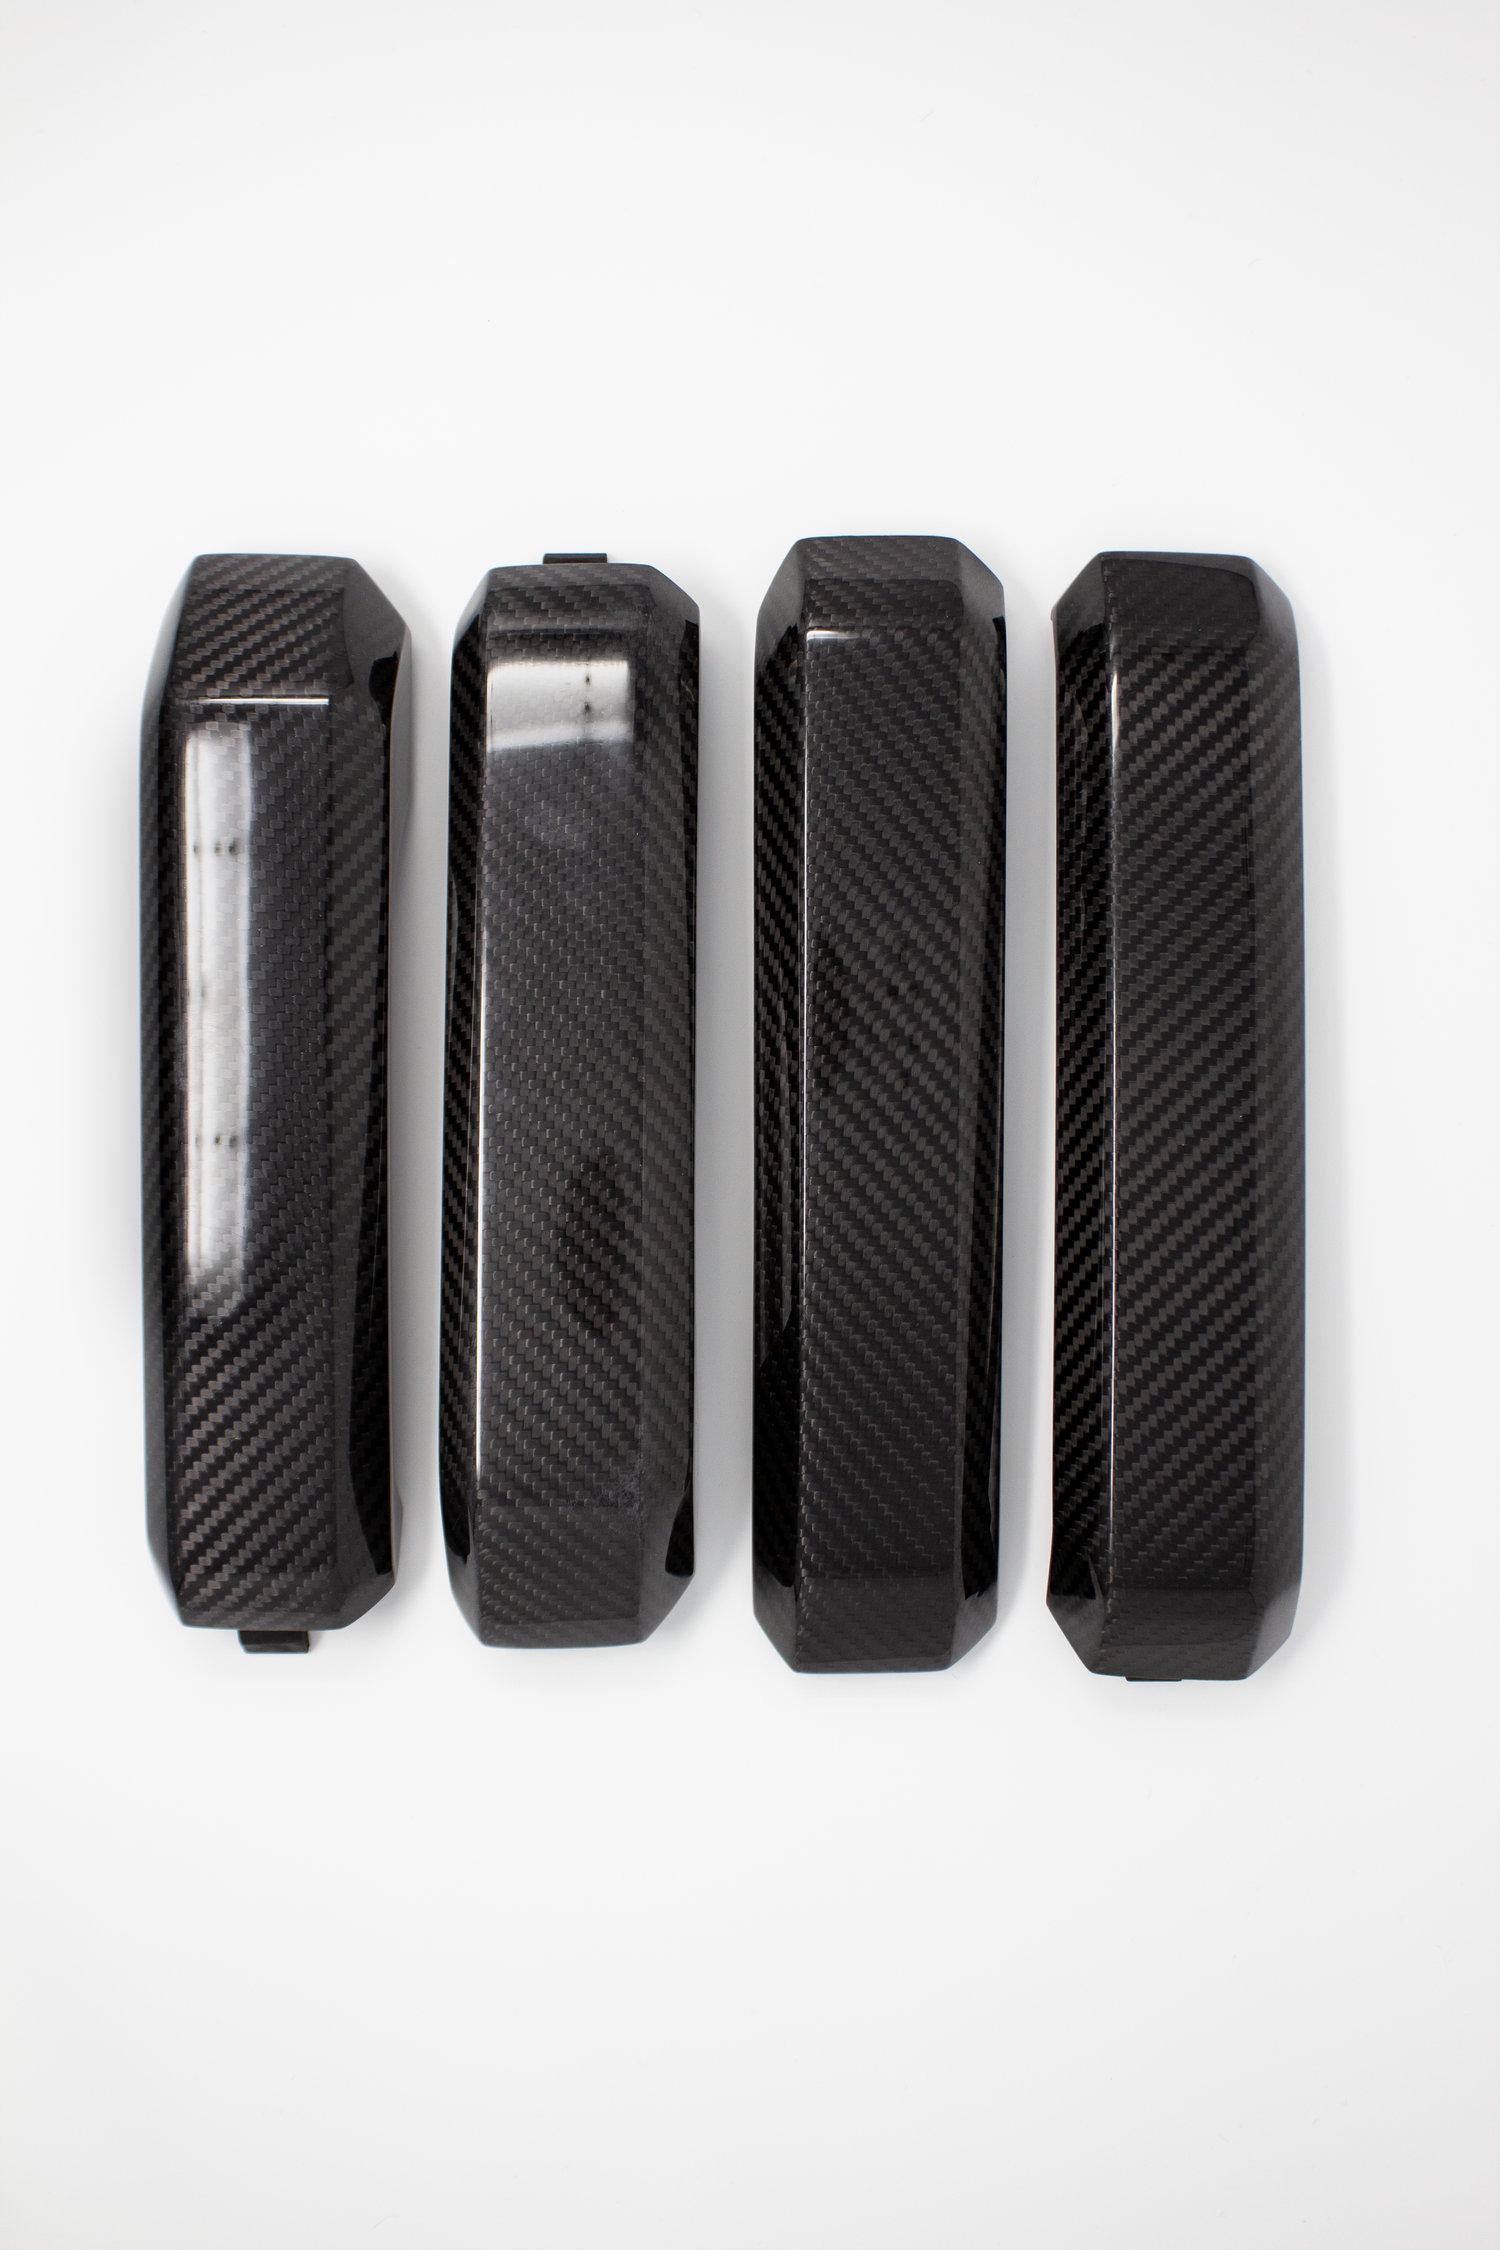 ford-carbon-fiber-door-handles-3.jpg